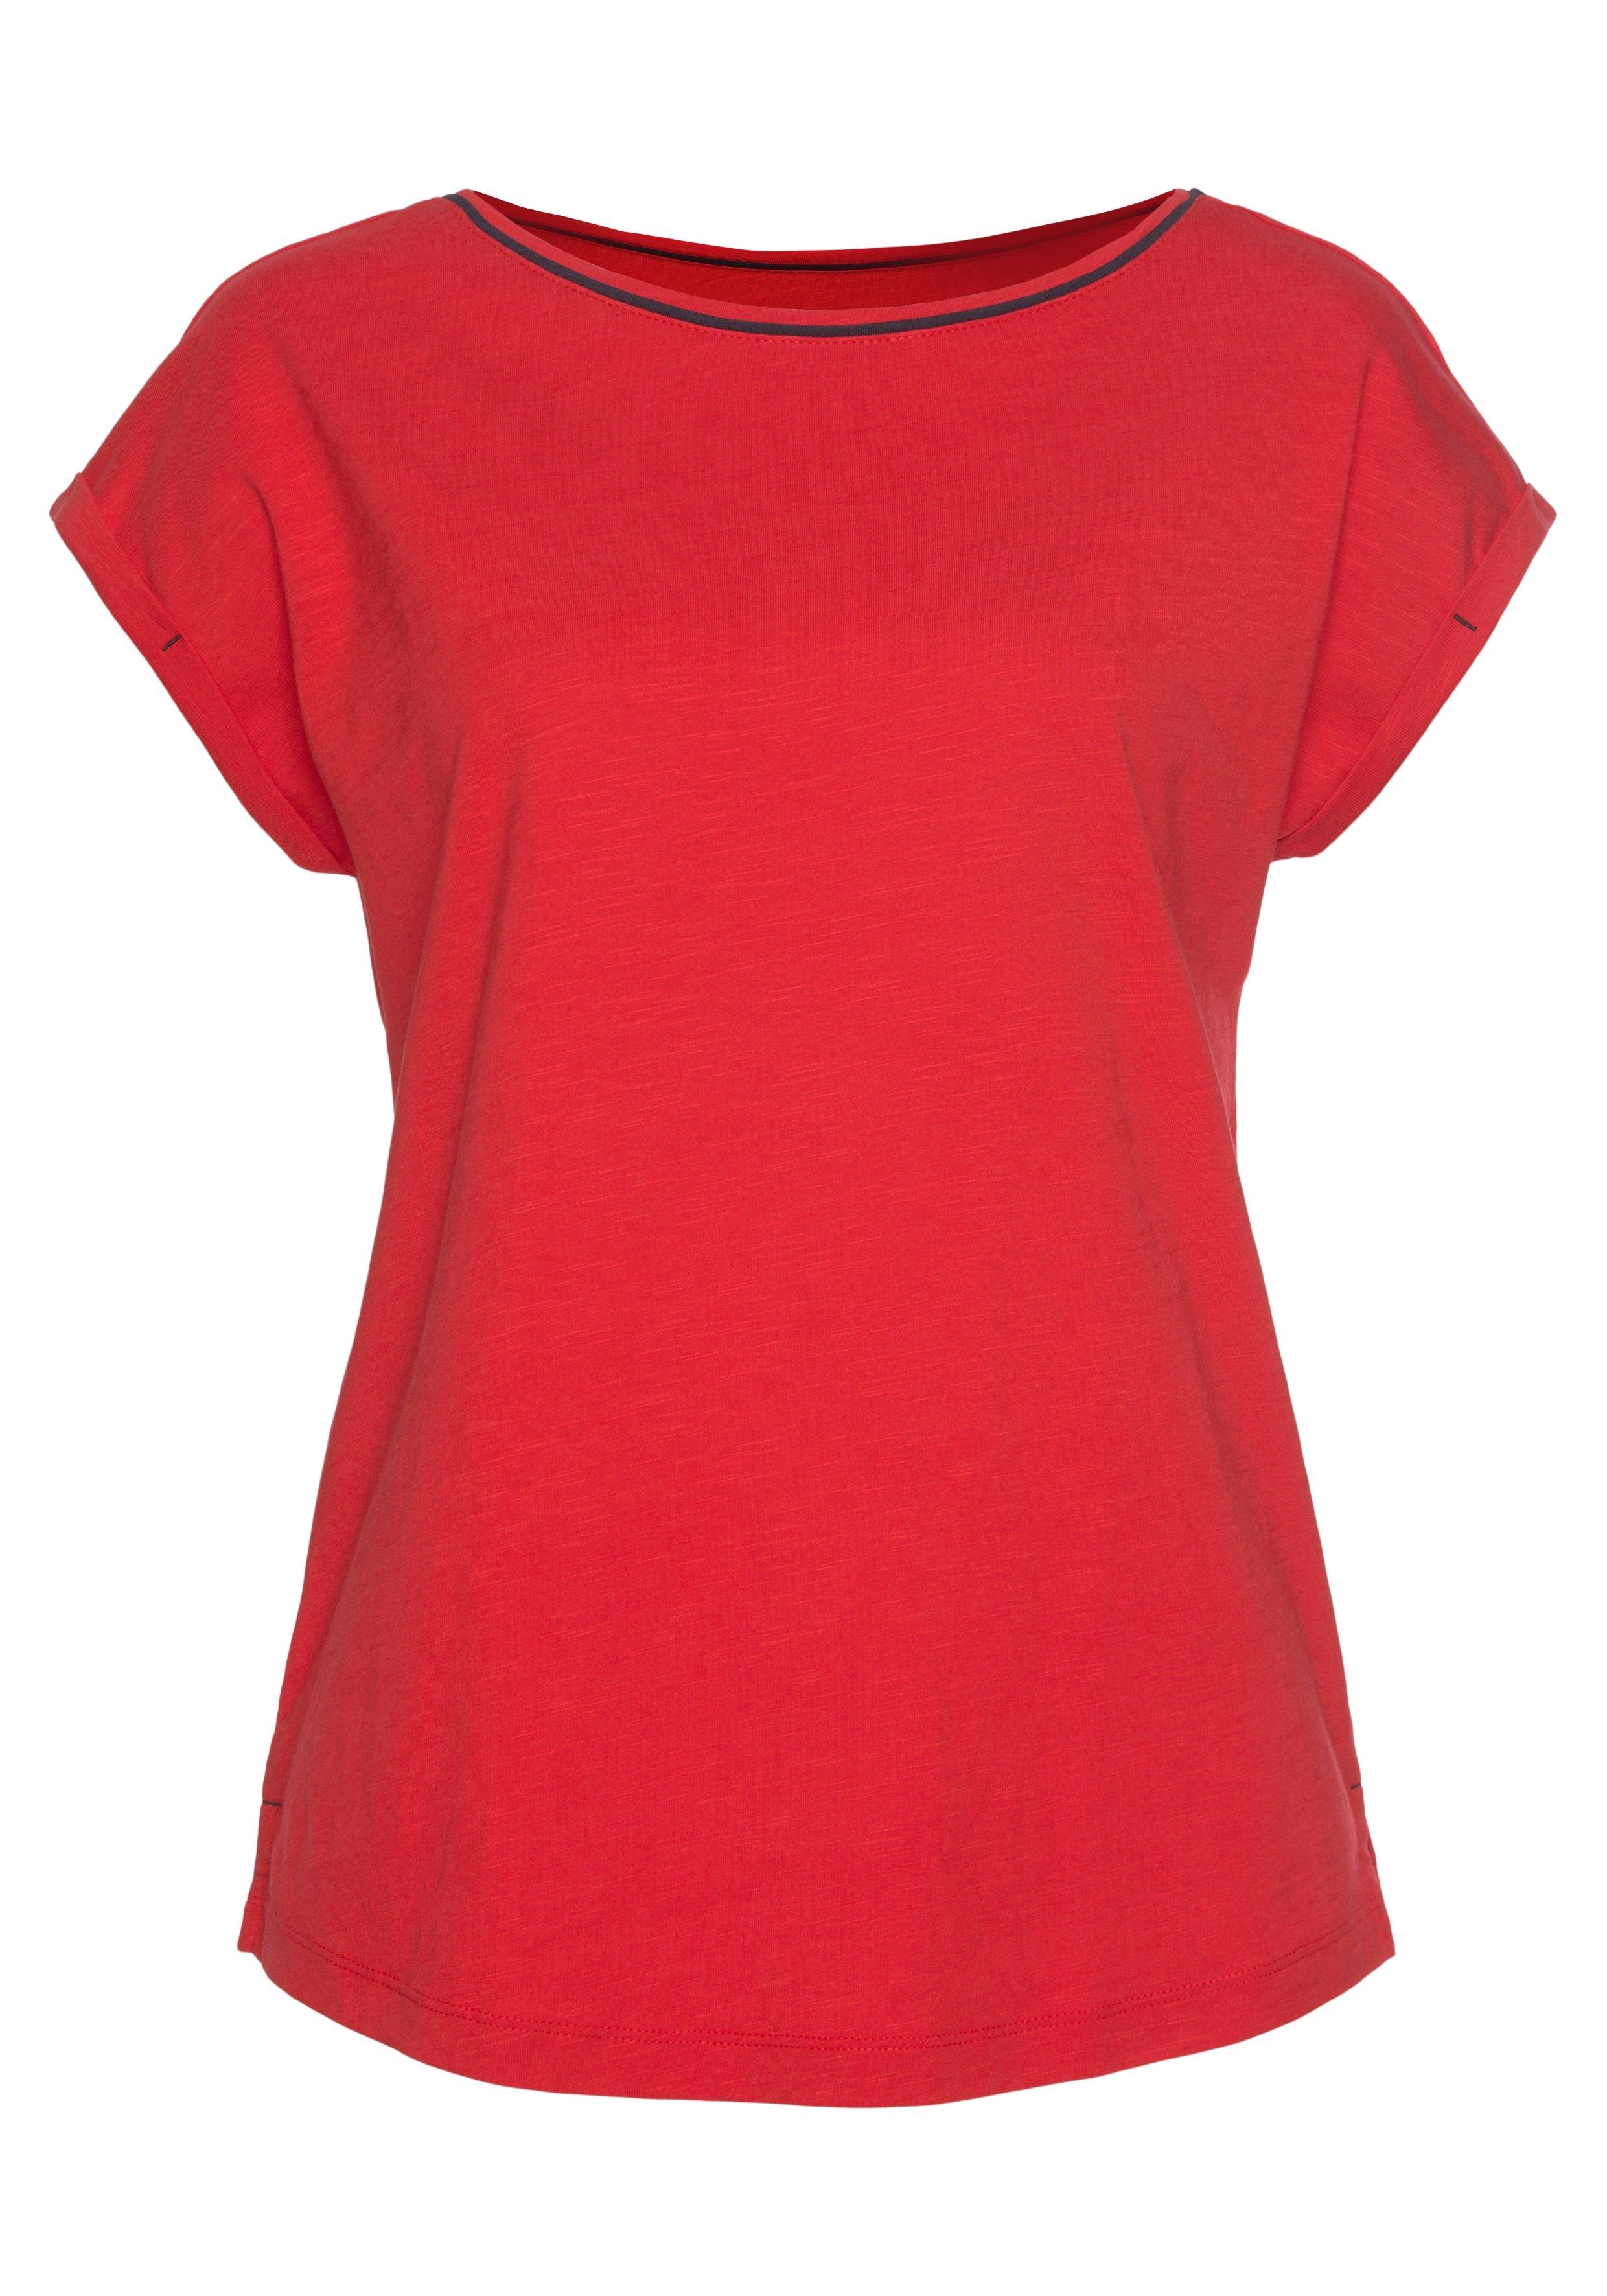 Esprit T-shirt met contrastkleurige paspel bij de hals nu online kopen bij OTTO